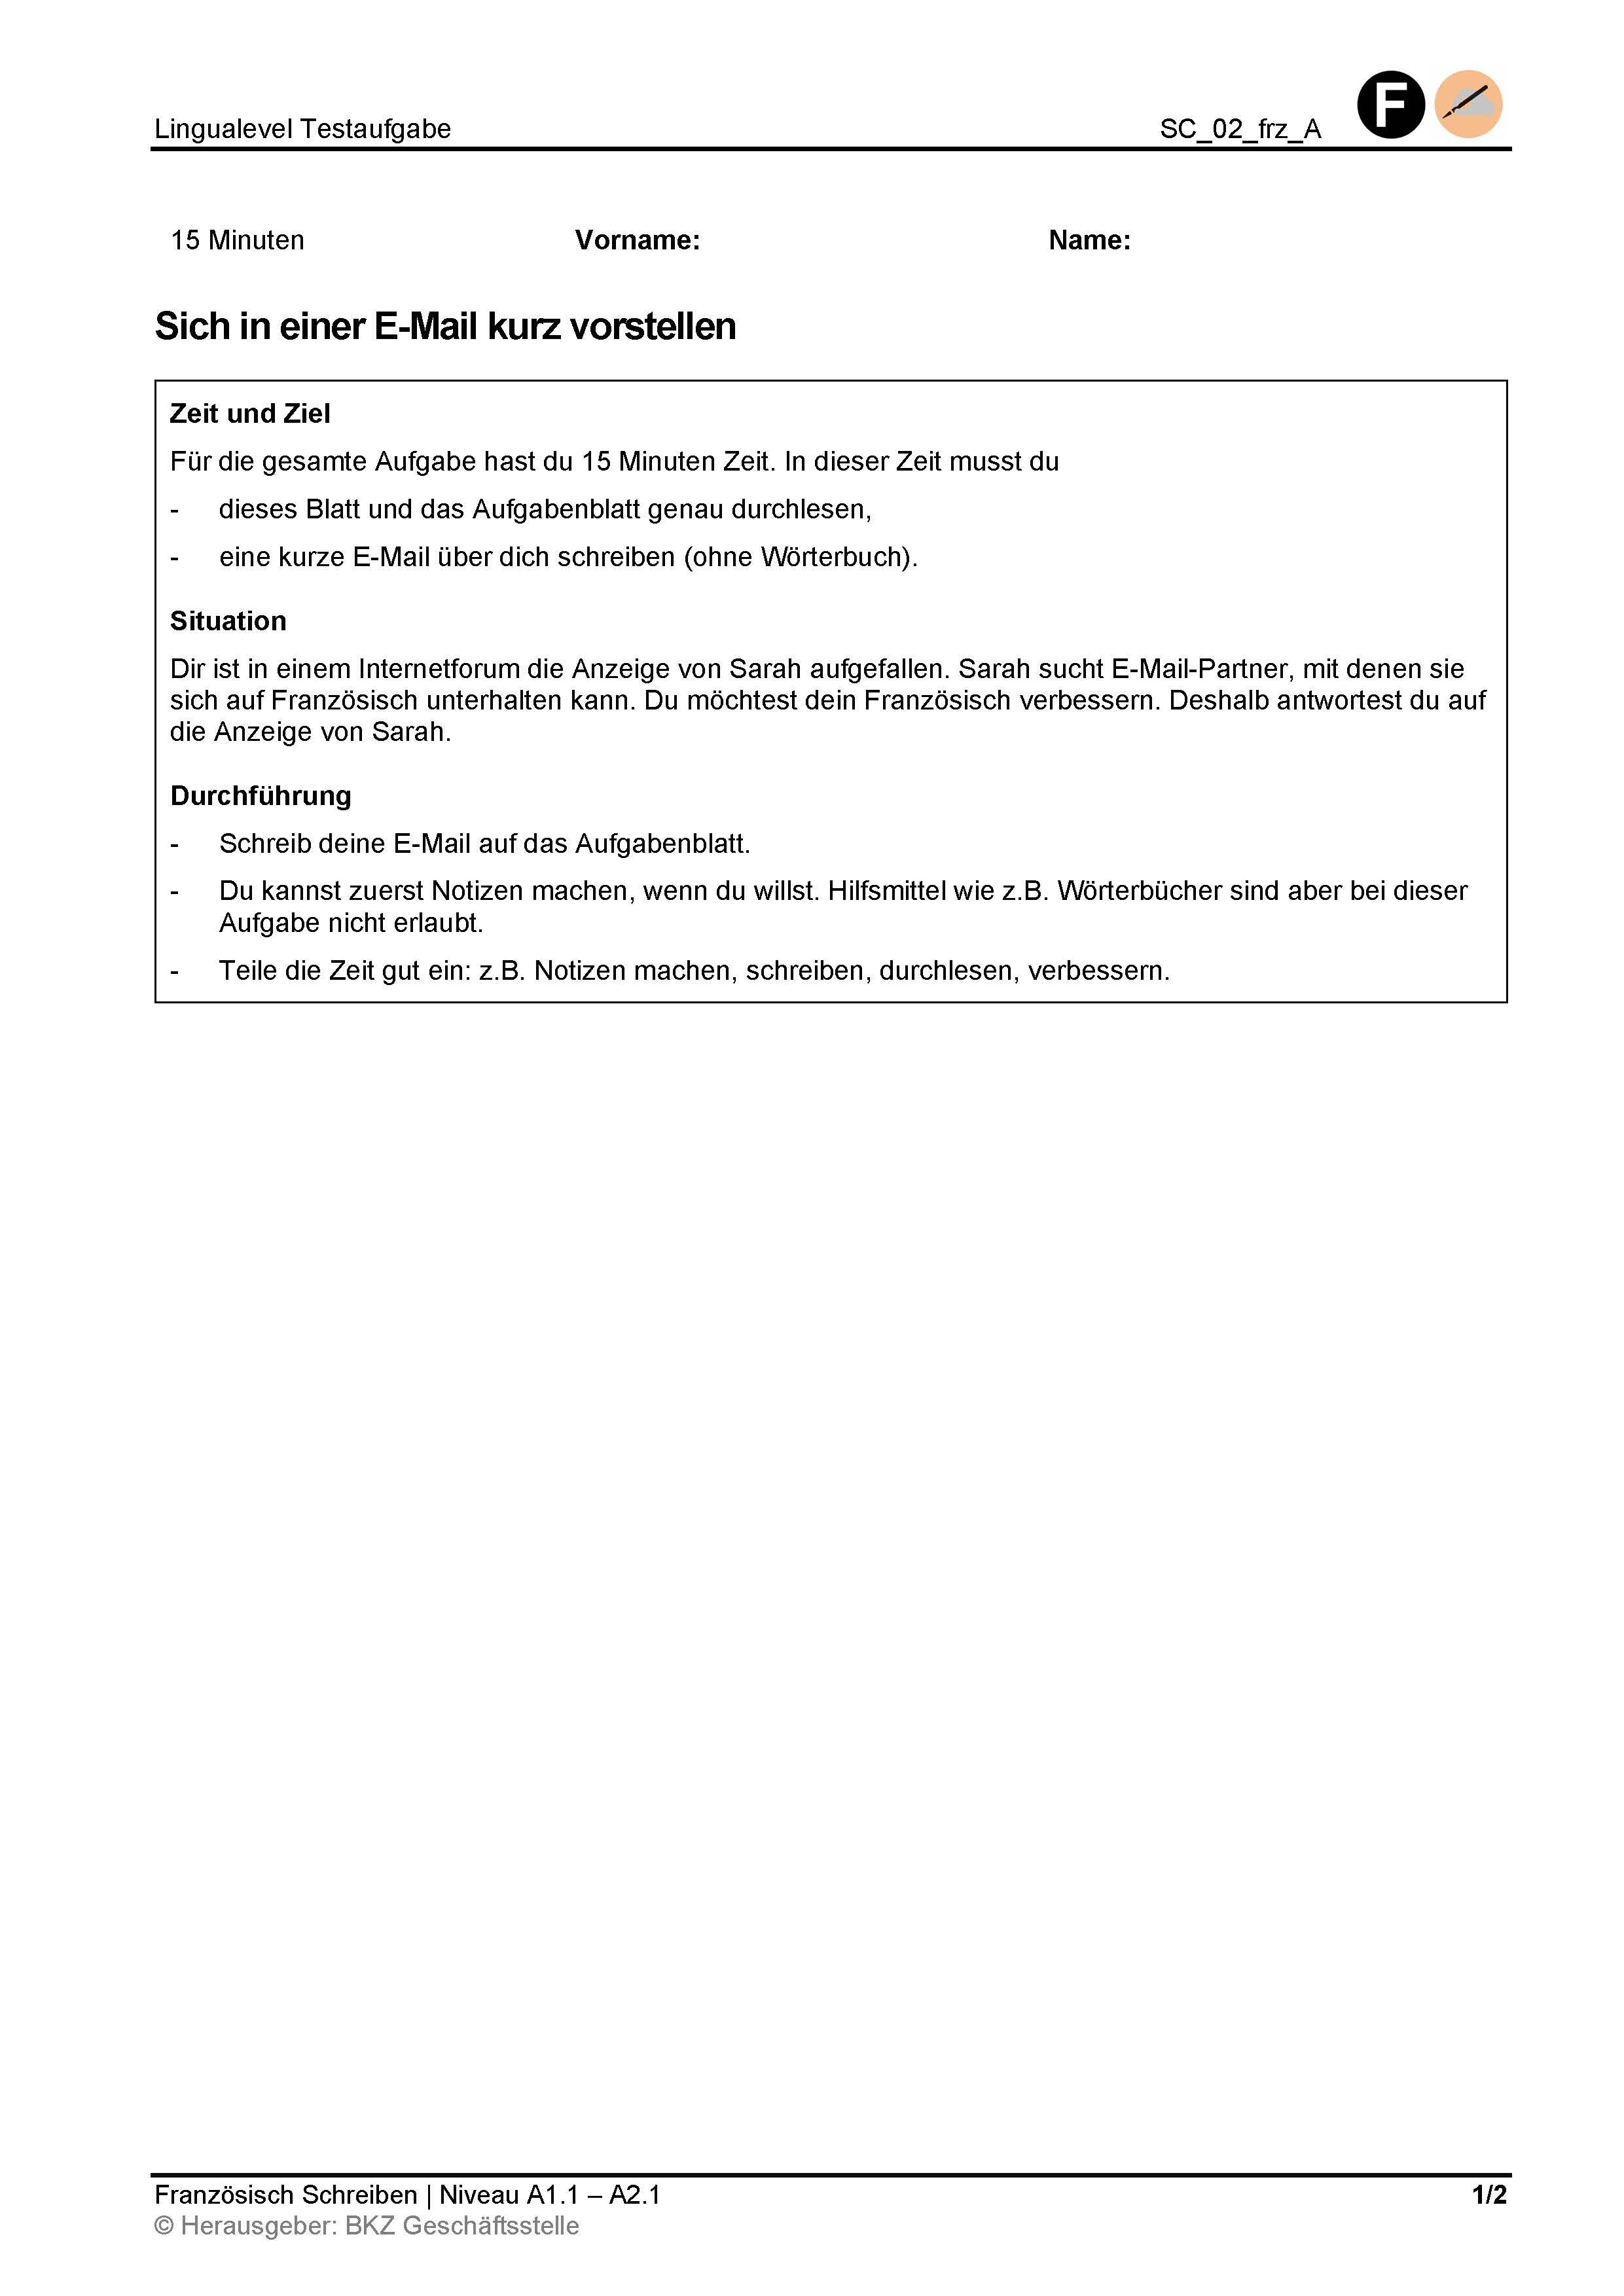 Preview image for LOM object Sich in einer E-Mail kurz vorstellen